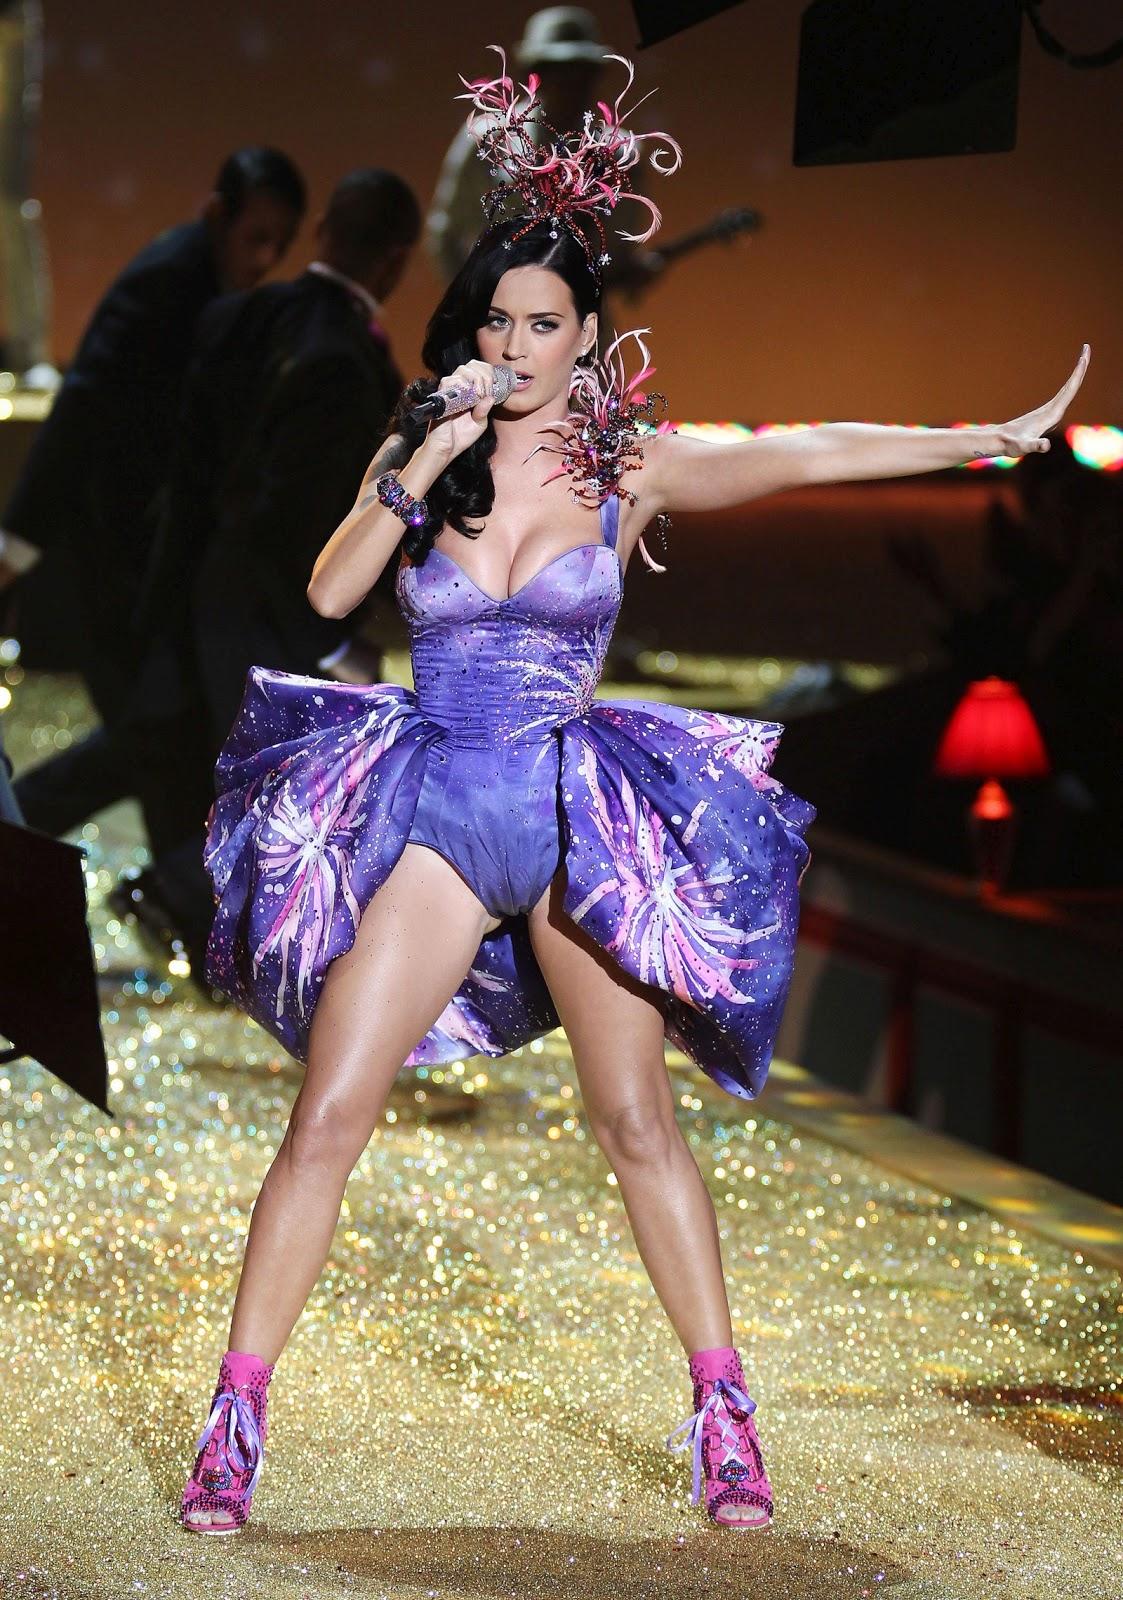 http://1.bp.blogspot.com/_u90AC4da1zY/TNzwDiBN0uI/AAAAAAAAMZw/t5mhuzWqoQU/s1600/Katy-Perry-52.jpg